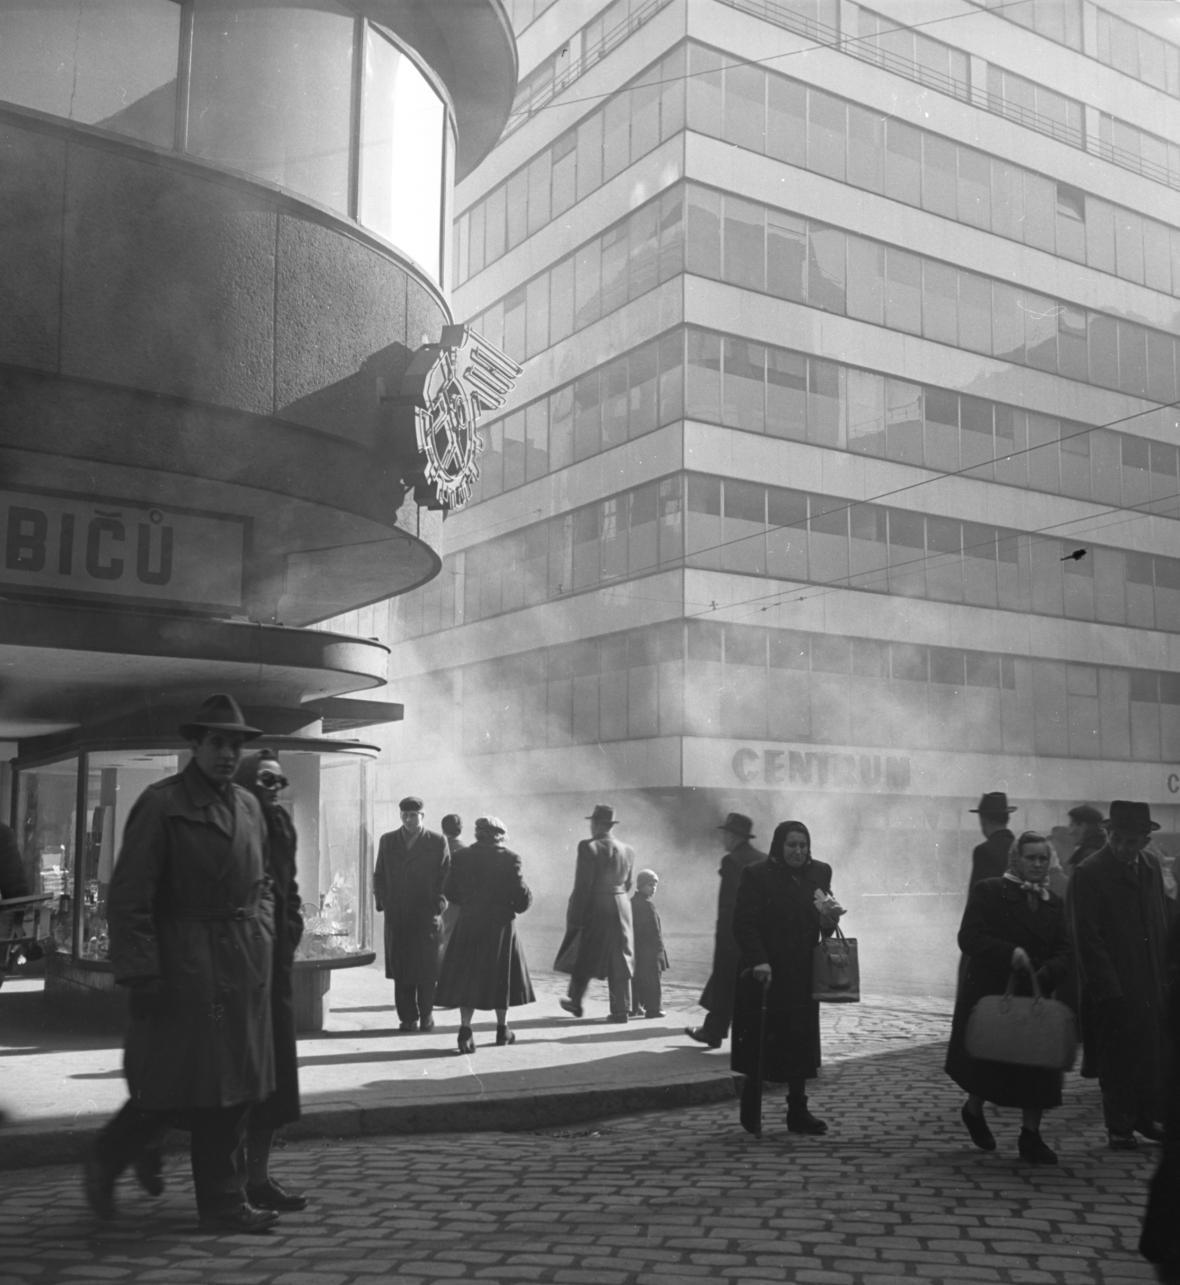 Brno, Centrum, 1957